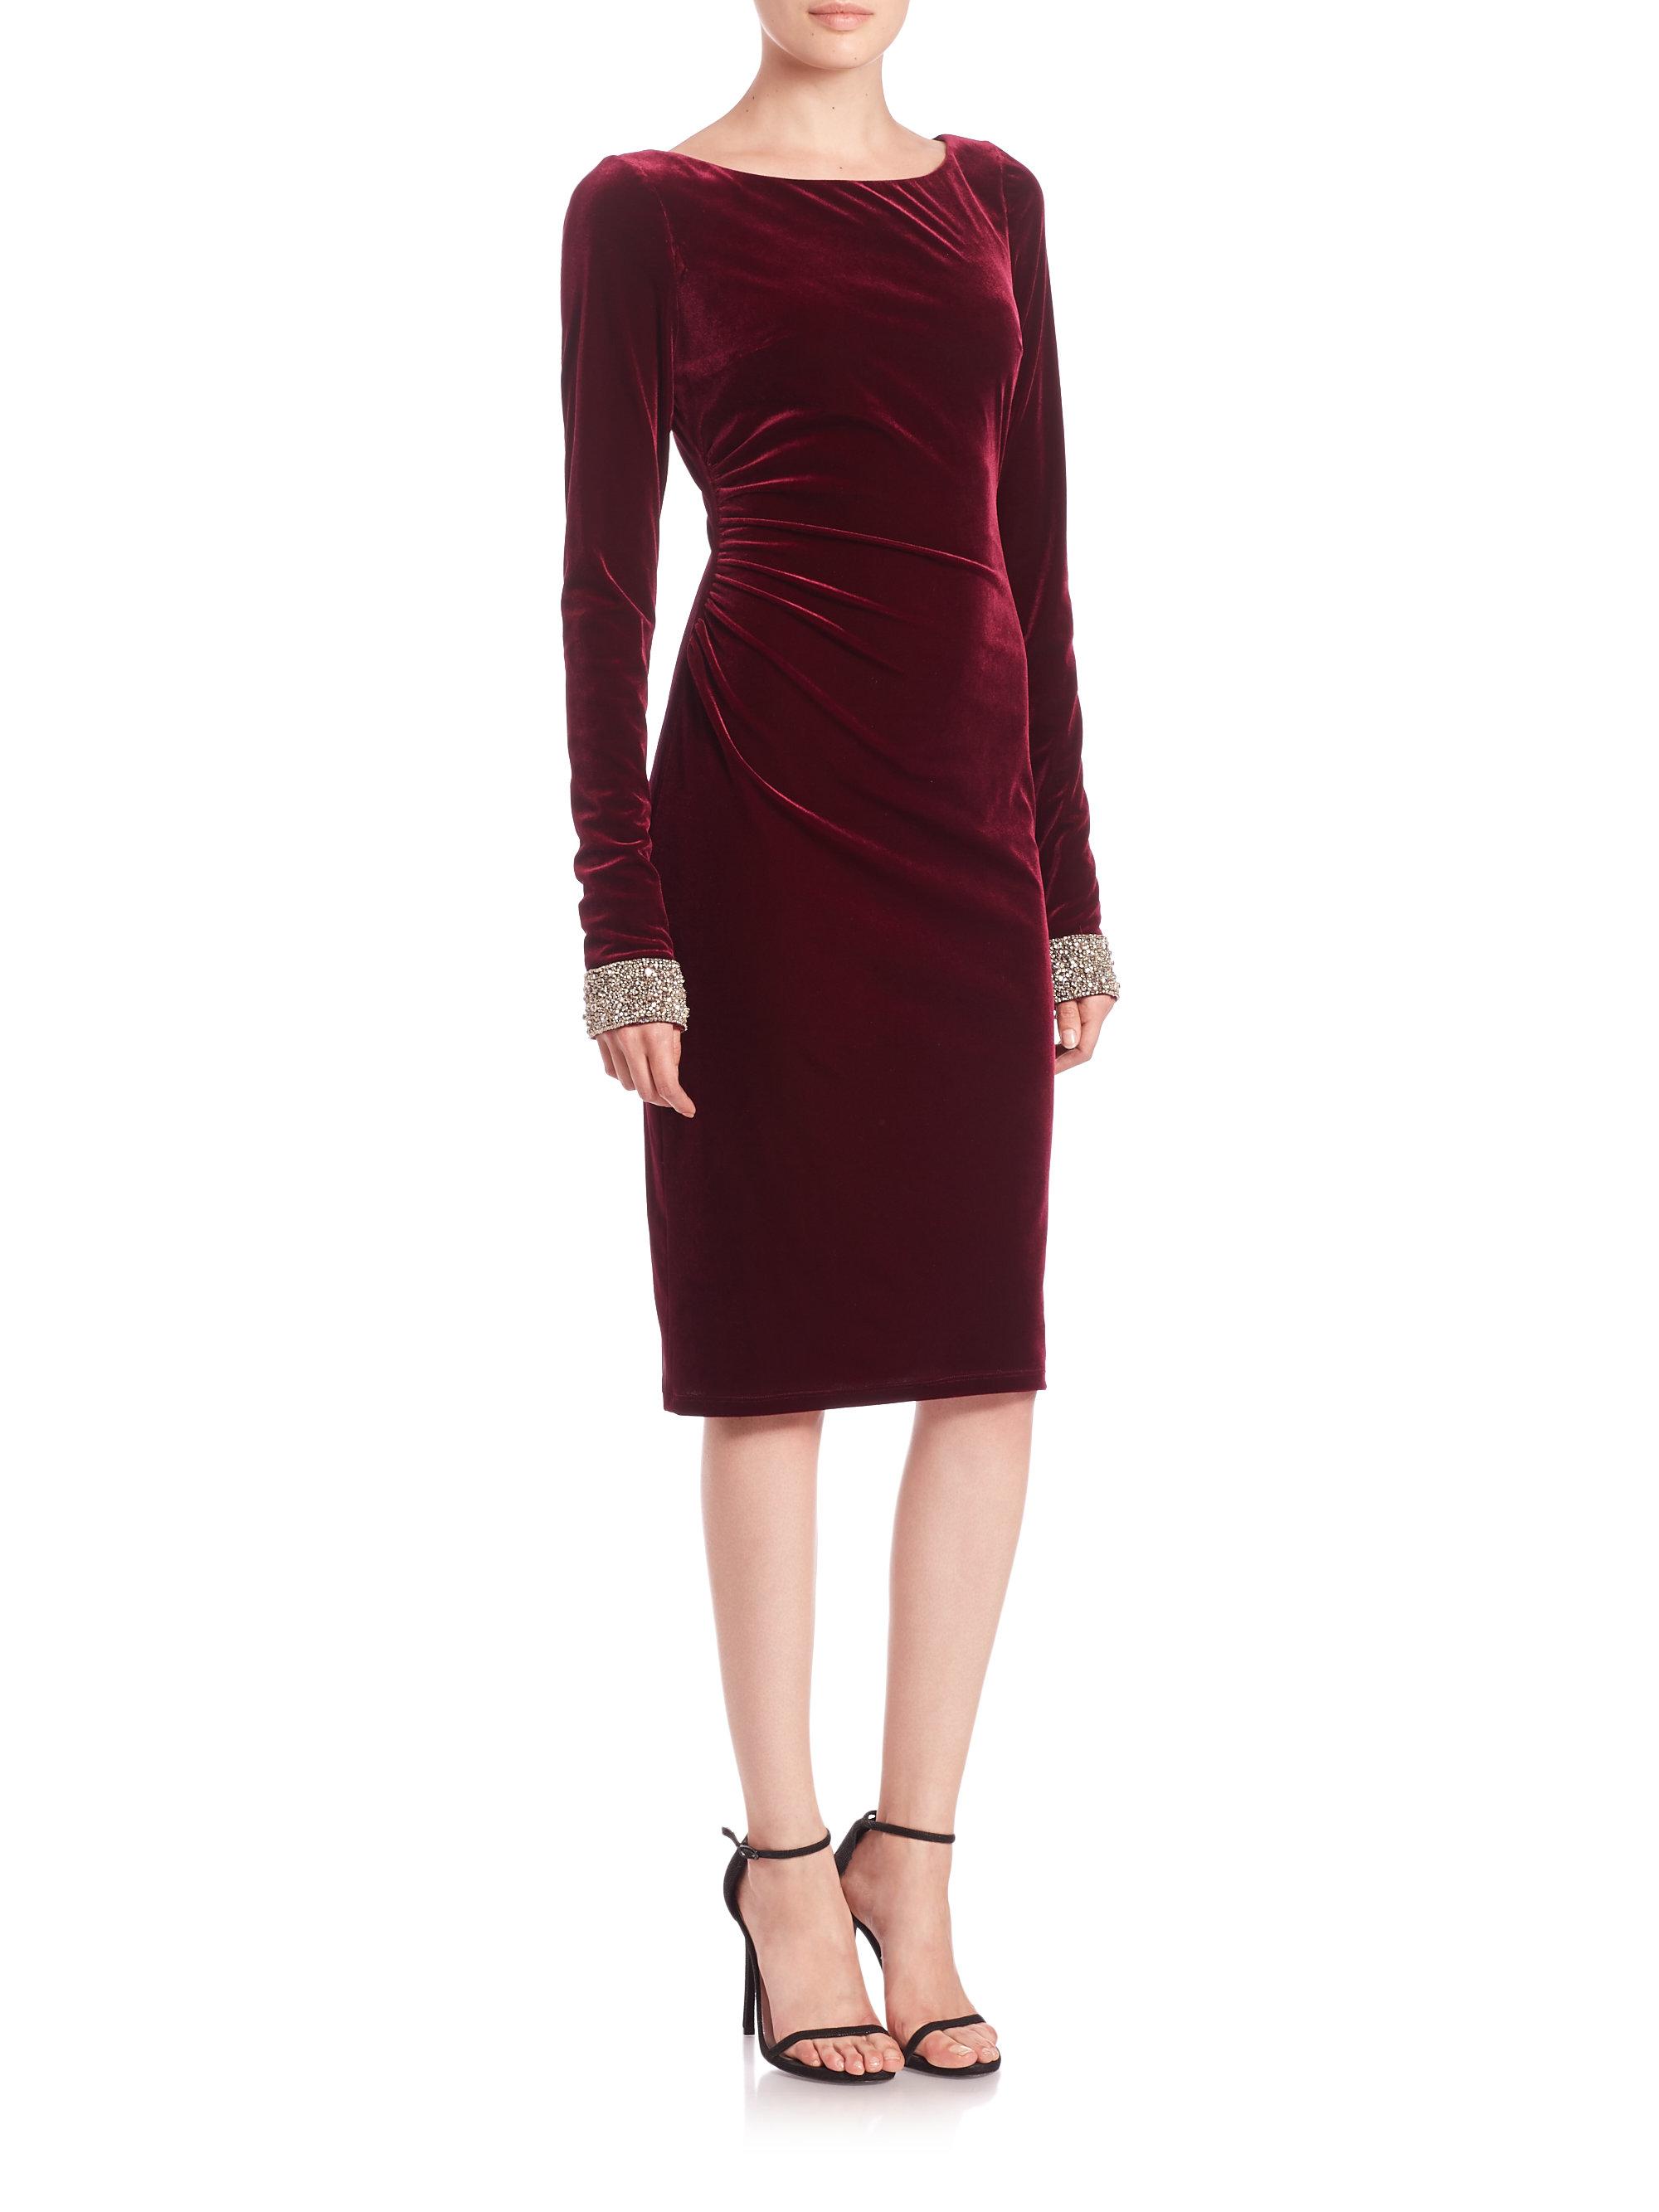 David meister Beaded Velvet Cocktail Dress in Red - Lyst